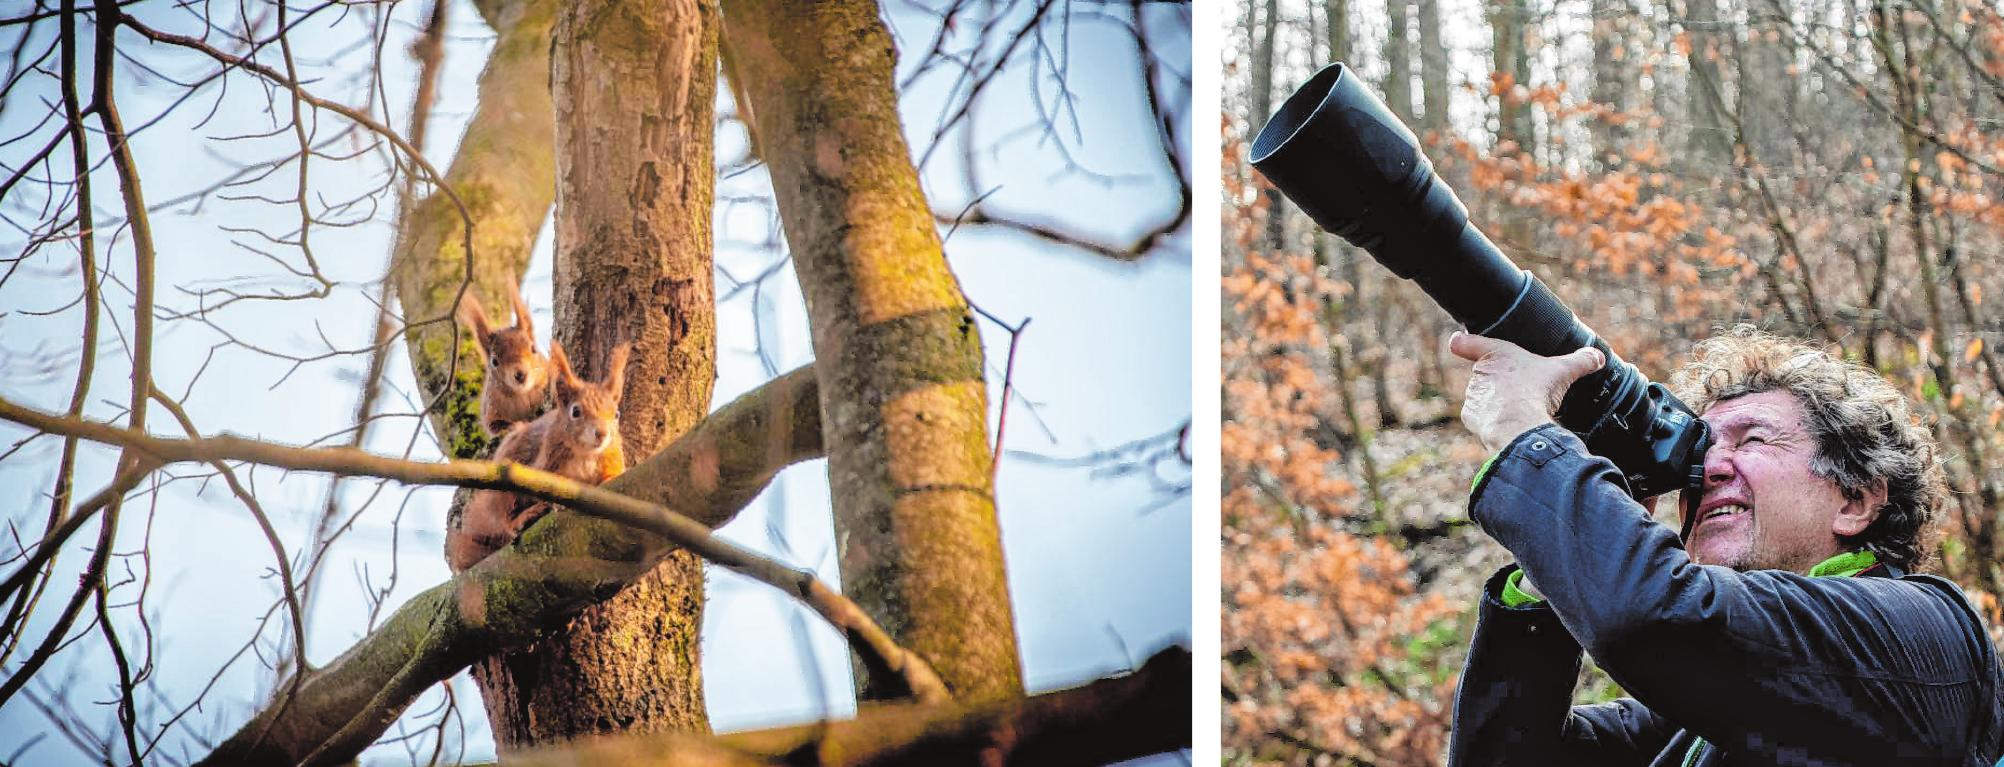 Nicht nur Vögel, auch andere Waldbewohner – wie diese beiden Eichhörnchen – bekamen die Teilnehmer der Nabu-Frühlingswanderung vor die Linse. Bilder: Thomas Neu